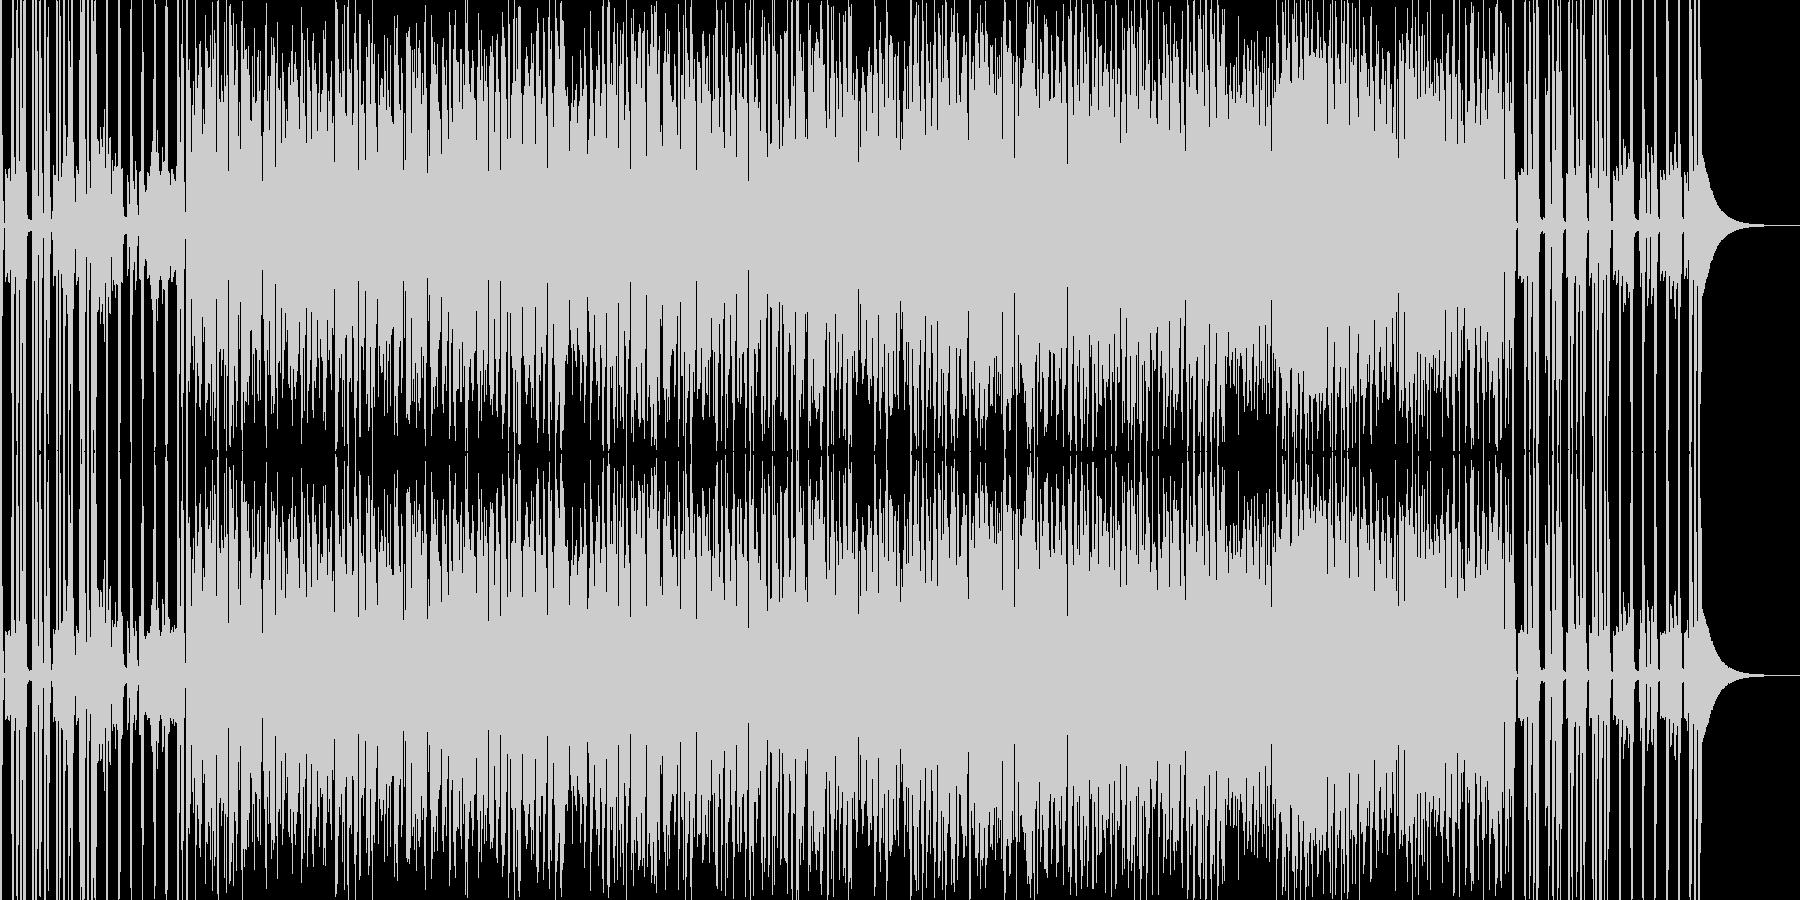 情熱的なイメージの楽曲。裏打ちレゲエ系。の未再生の波形